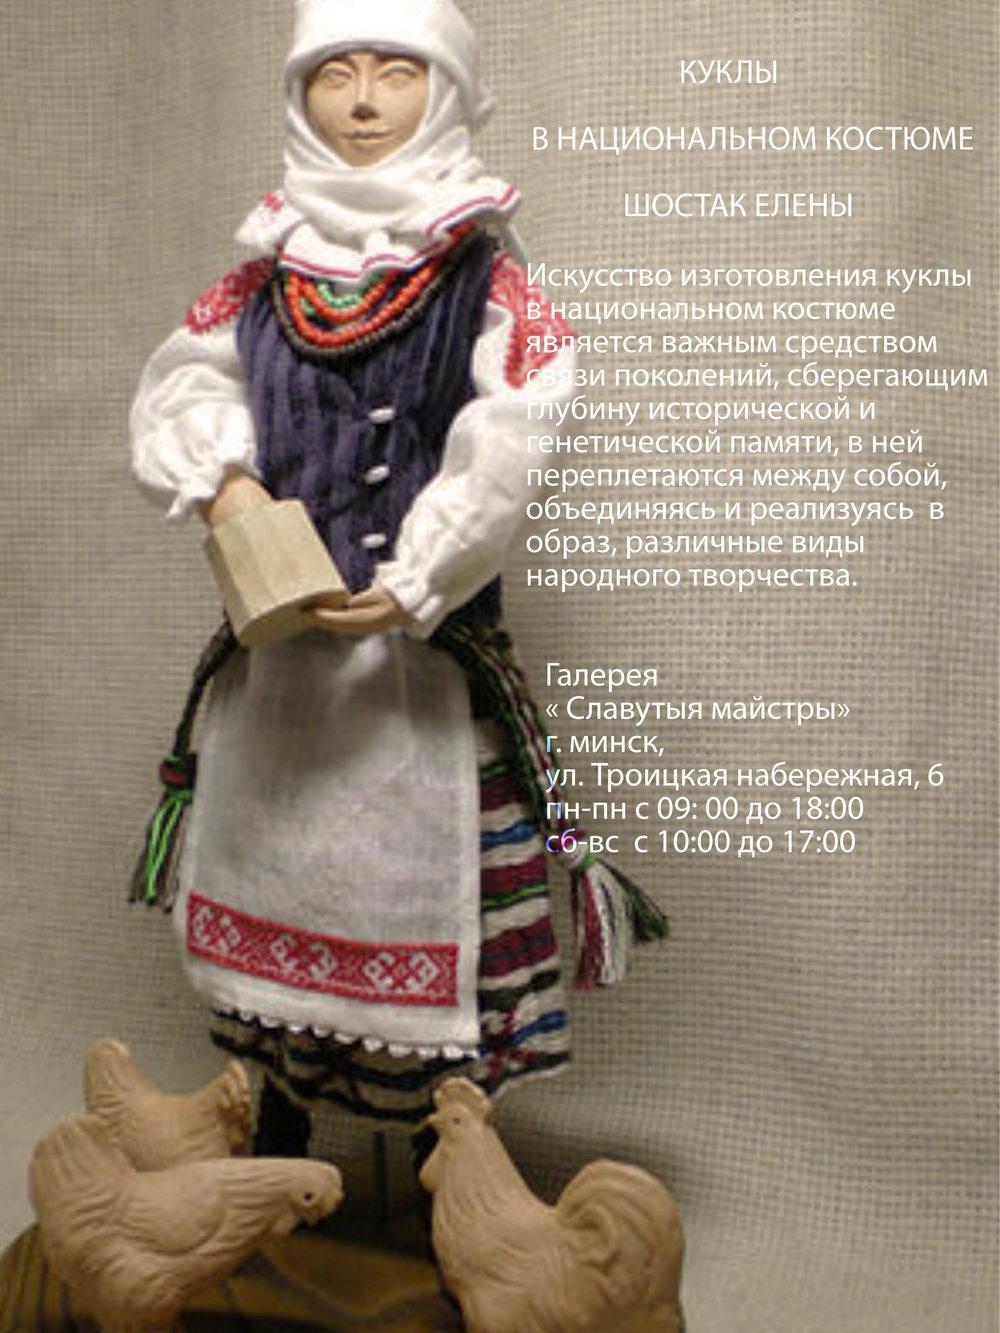 Презентация небольшой коллекции авторских кукол Елены Шостак